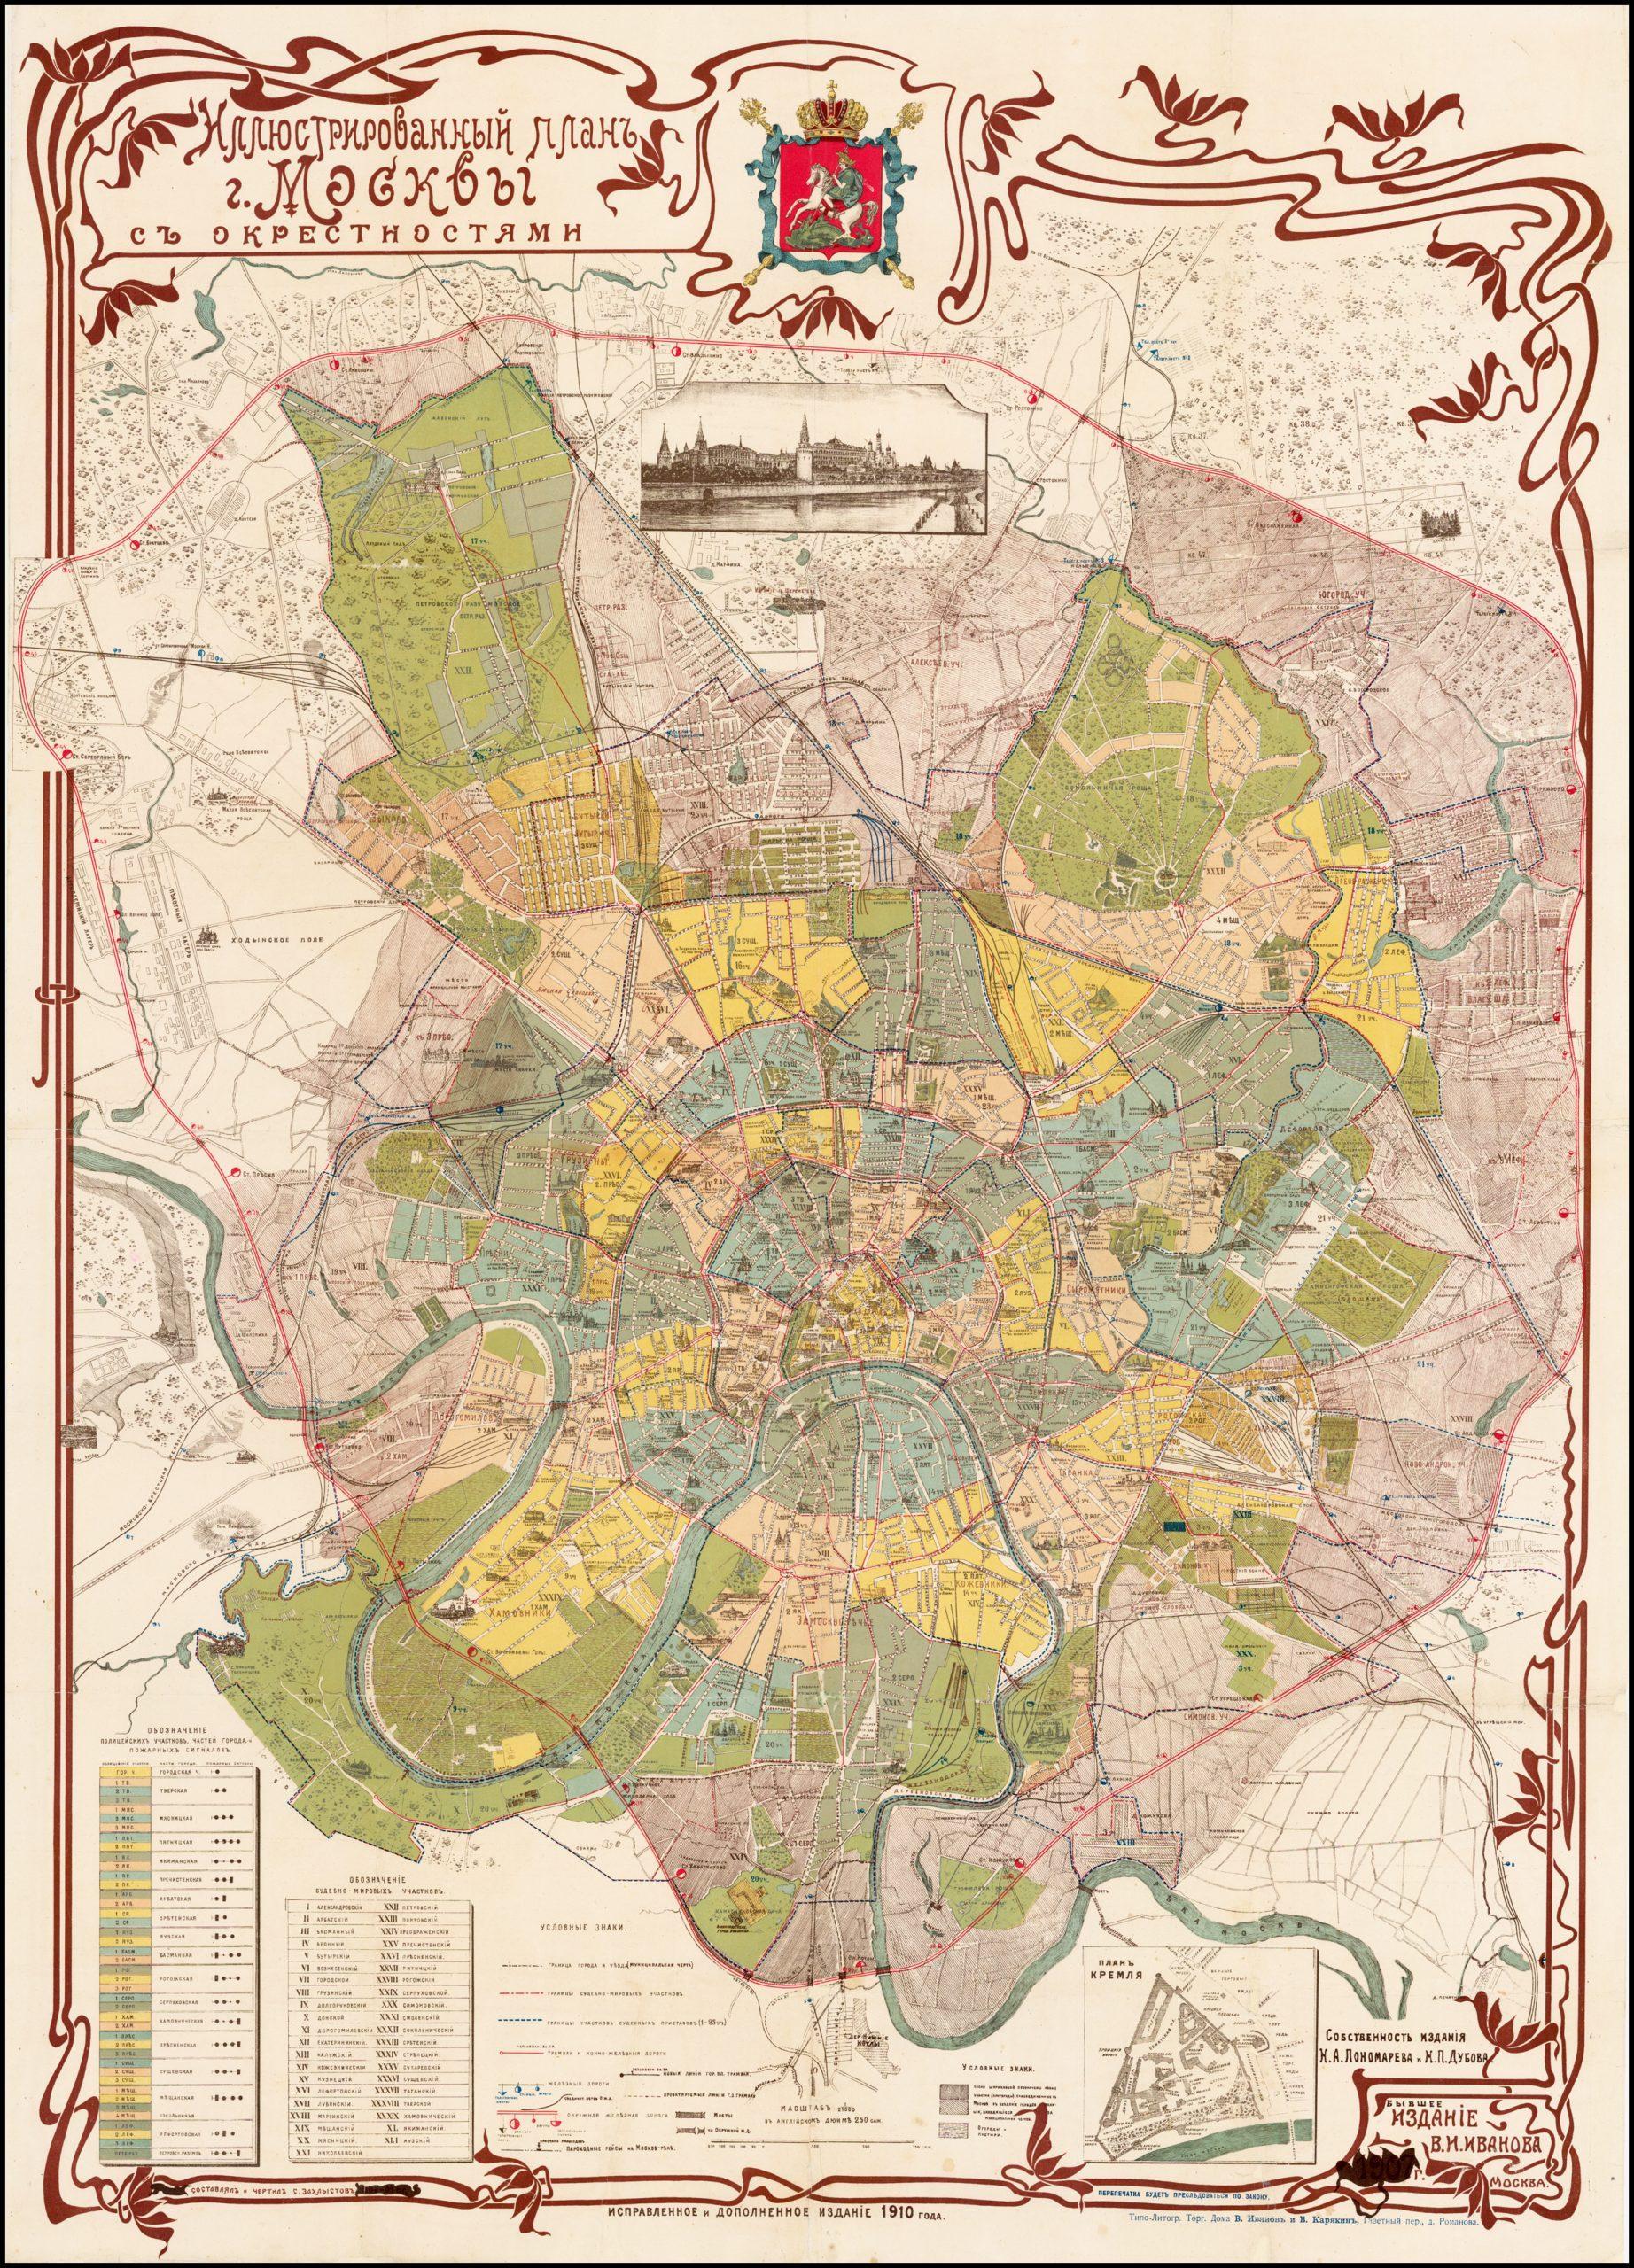 Высокодекоративный и масштабный план Москвы, изображающий город незадолго до революции 1917 года